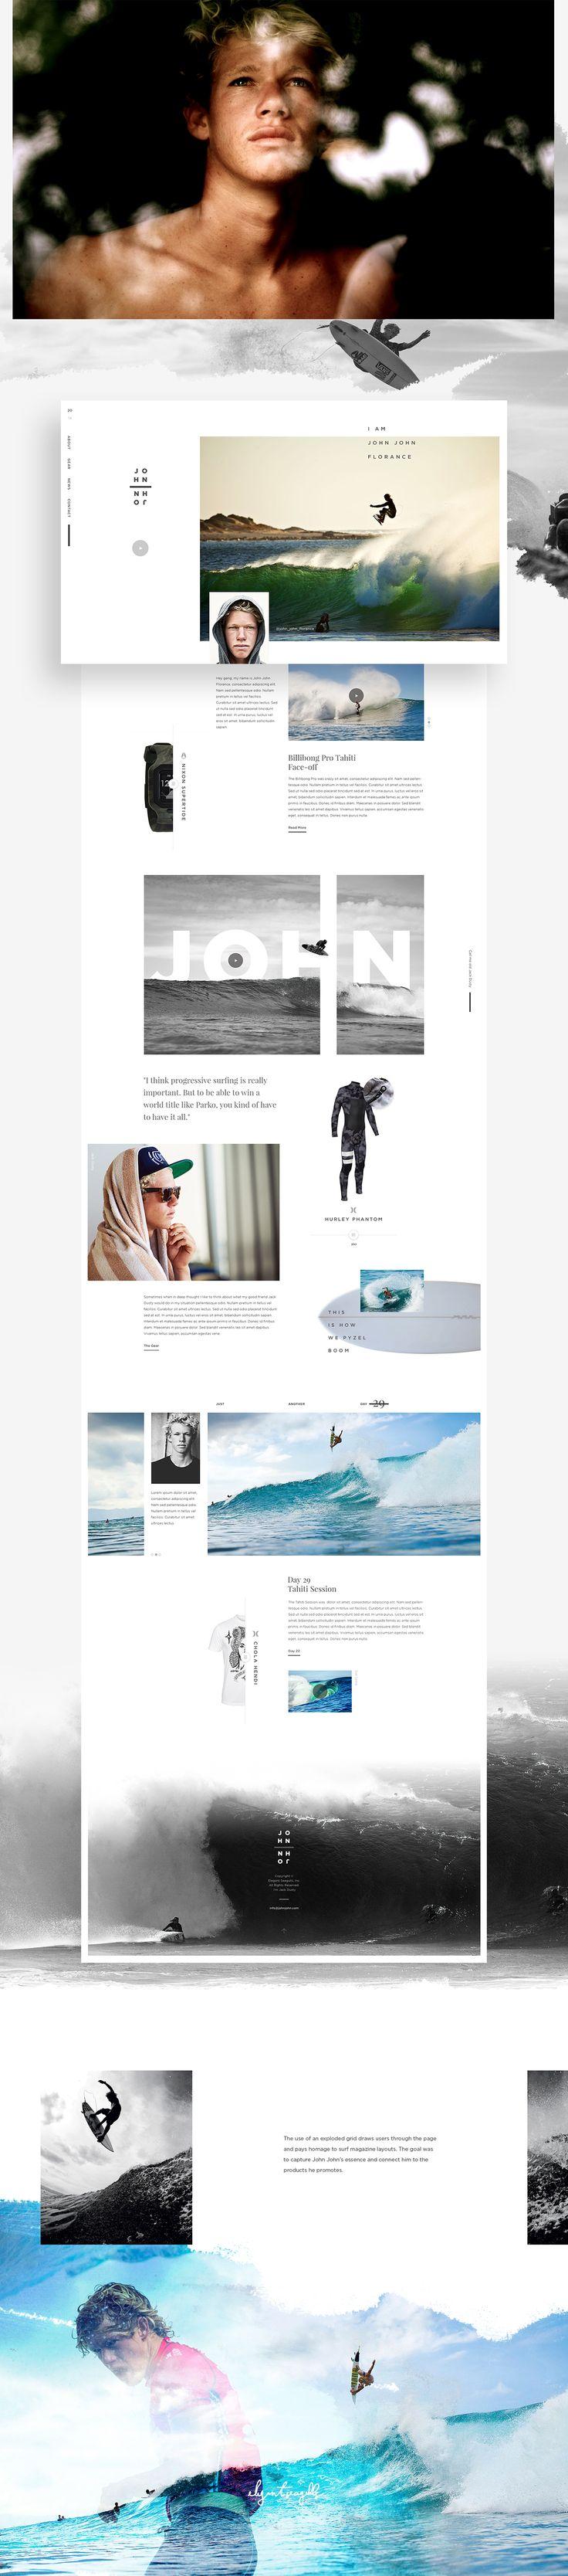 John John - Web Design